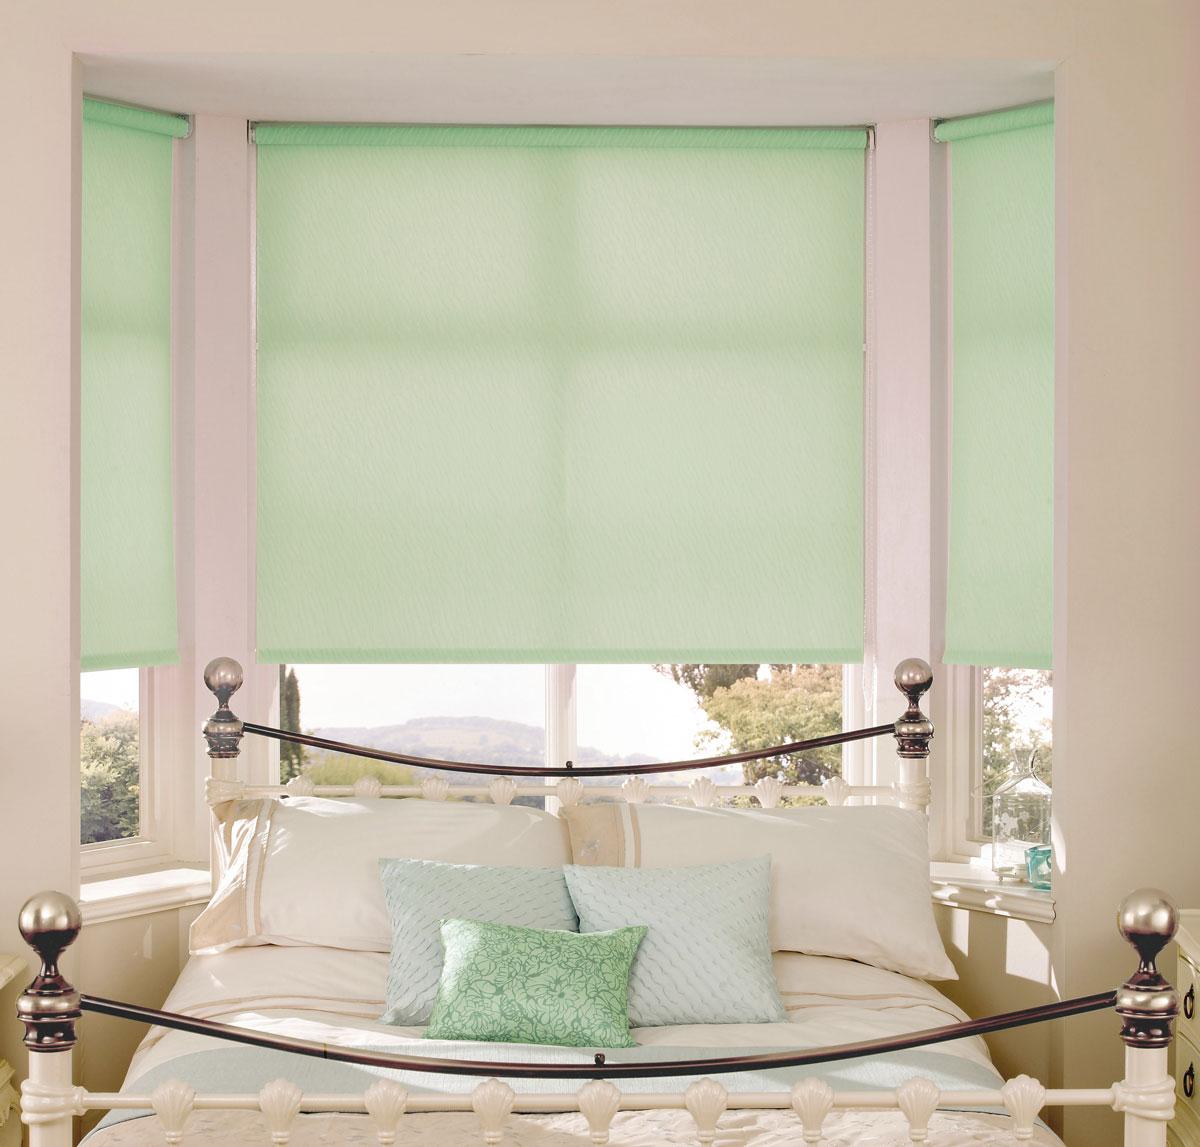 Штора рулонная KauffOrt Миниролло, цвет: светло-зеленый, ширина 37 см, высота 170 см3037017Рулонная штора Миниролло выполнена из высокопрочной ткани, которая сохраняет свой размер даже при намокании. Ткань не выцветает и обладает отличной цветоустойчивостью. Миниролло - это подвид рулонных штор, который закрывает не весь оконный проем, а непосредственно само стекло. Такие шторы крепятся на раму без сверления при помощи зажимов или клейкой двухсторонней ленты (в комплекте). Окно остается на гарантии, благодаря монтажу без сверления. Такая штора станет прекрасным элементом декора окна и гармонично впишется в интерьер любого помещения.